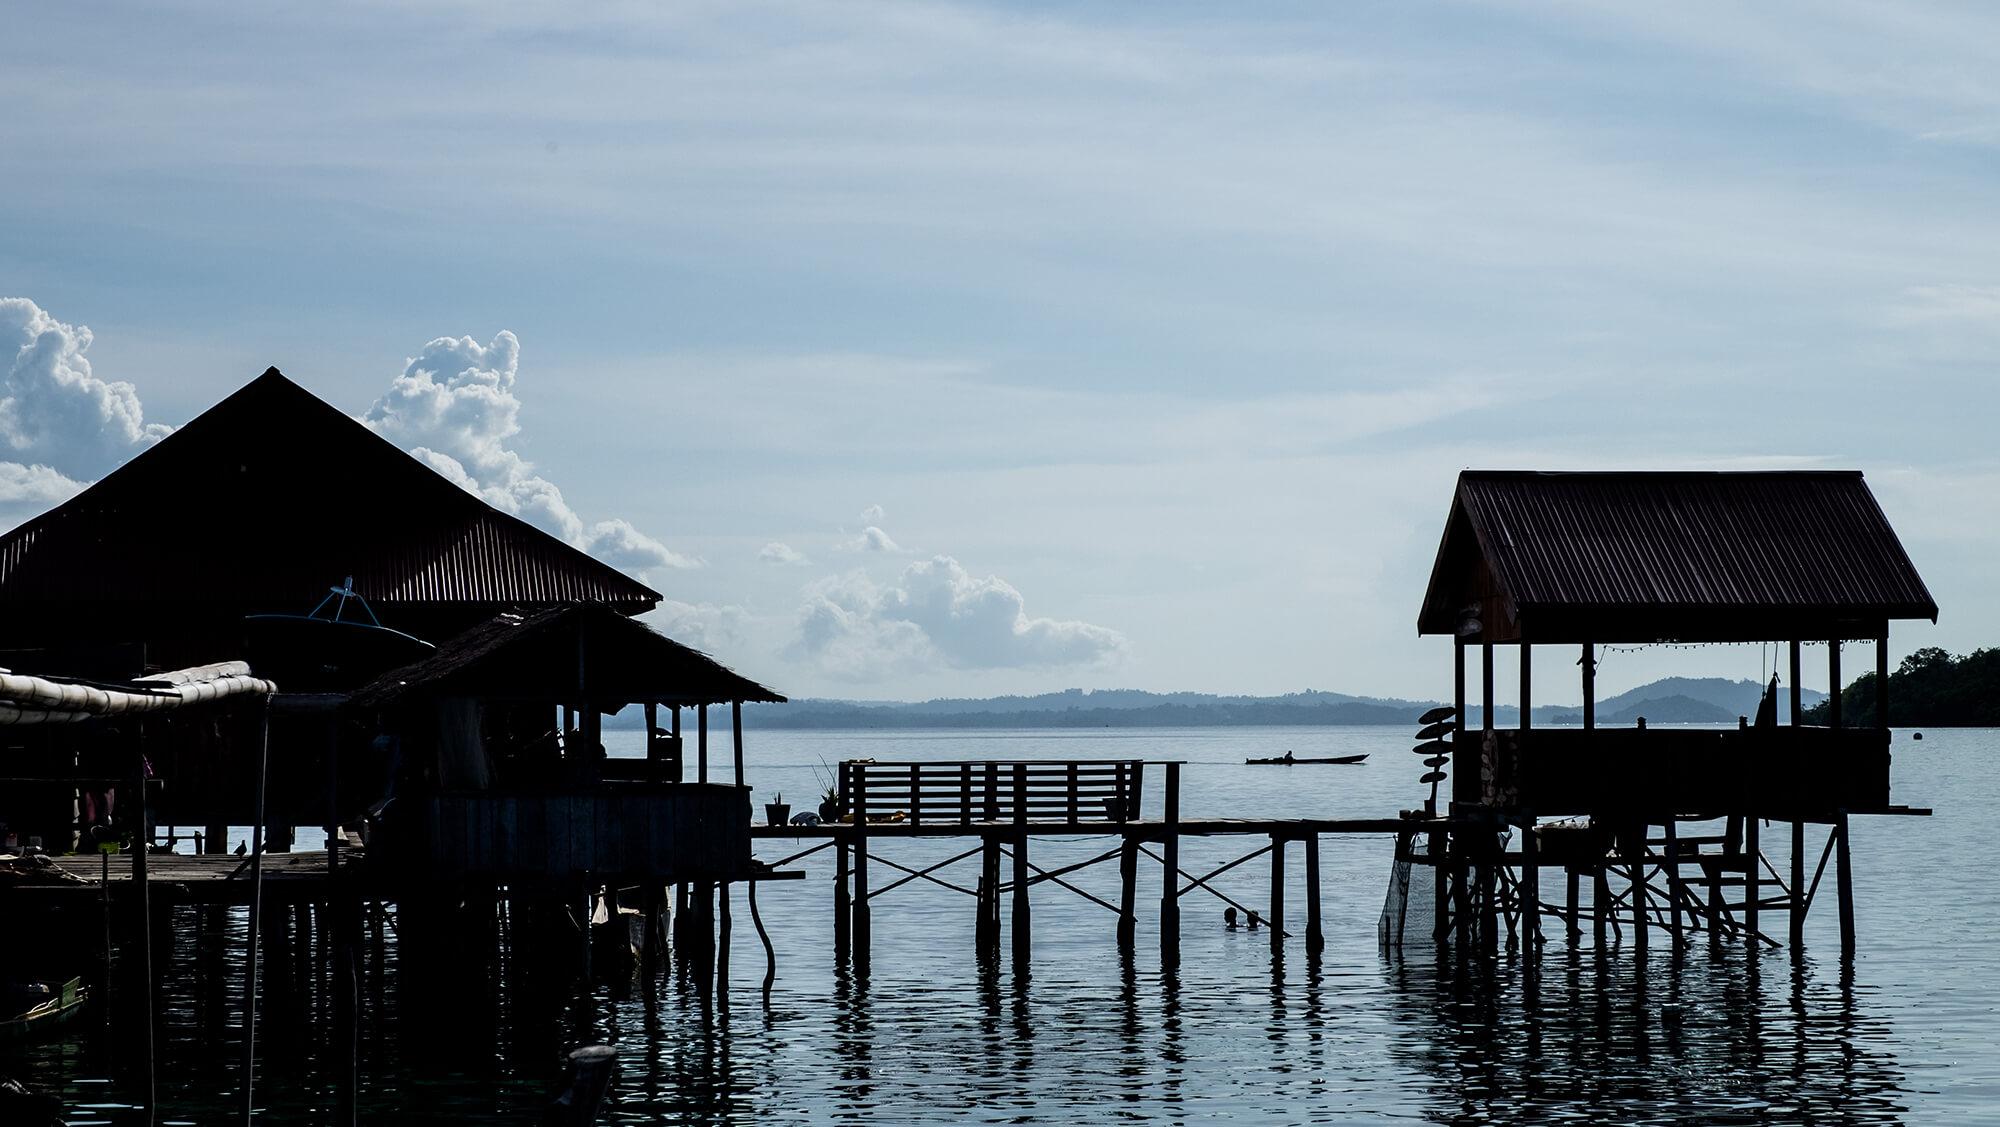 Contraluz de aldea bajau sobre el mar de las islas Togean en Sulawesi